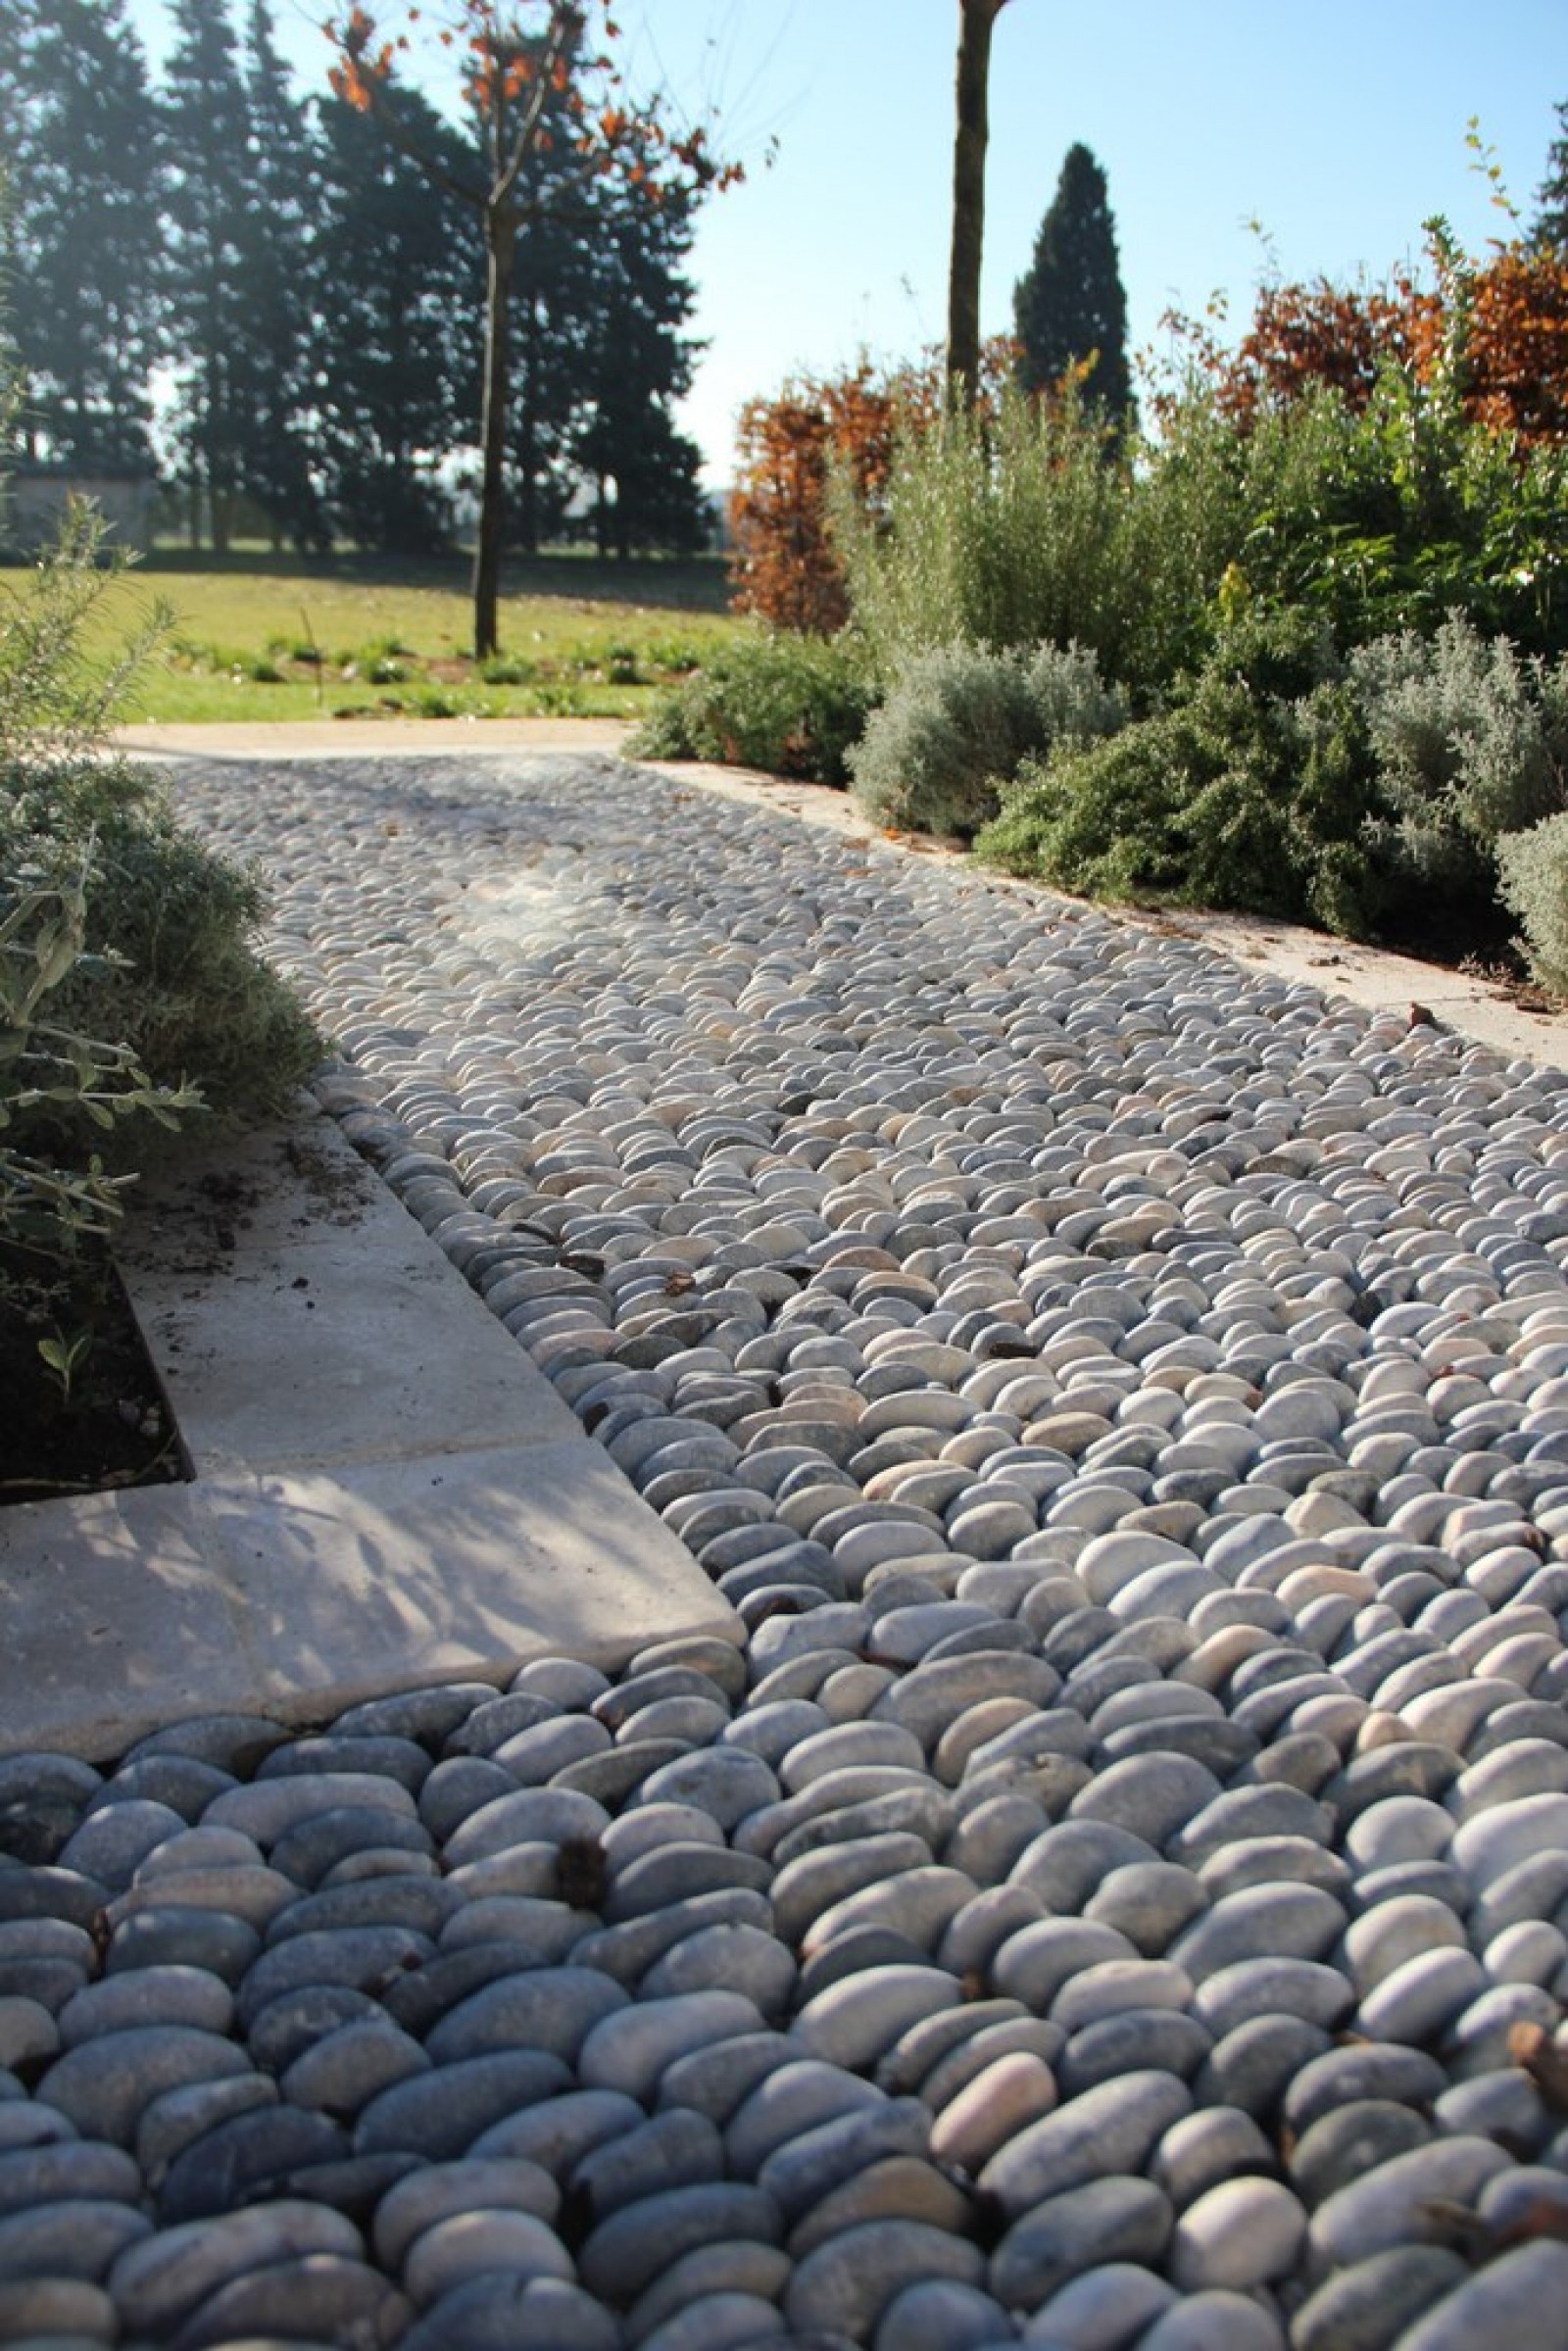 Vente Pierre Naturelle, Pierre De Parement, Dalle Terrasse encequiconcerne Grosse Pierre Decoration Jardin